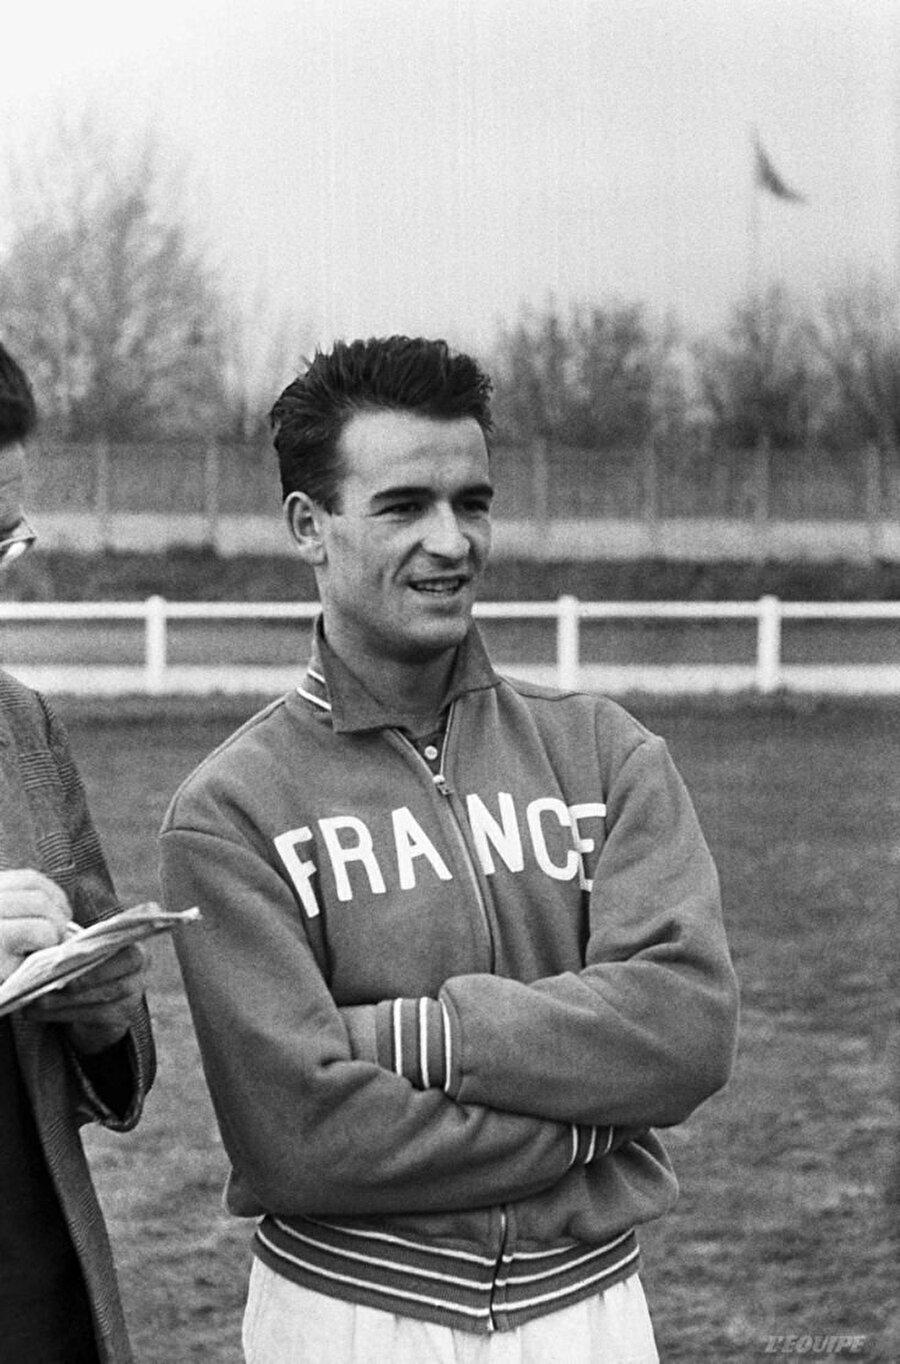 Gol karılı Fransa'dan Turnuvanın gol krallığı listesi ise şöyle; Fransa-François Heutte (2), Sovyet Sosyalist Cumhuriyetler Birliği-Valentin Ivanov (2), Sovyet Sosyalist Cumhuriyetler Birliği-Viktor Ponedelnik (2), Yugoslavya Sosyalist Federal Cumhuriyeti-Milan Galic (2), Yugoslavya Sosyalist Federal Cumhuriyeti-Drazan Jerkovic (2.)